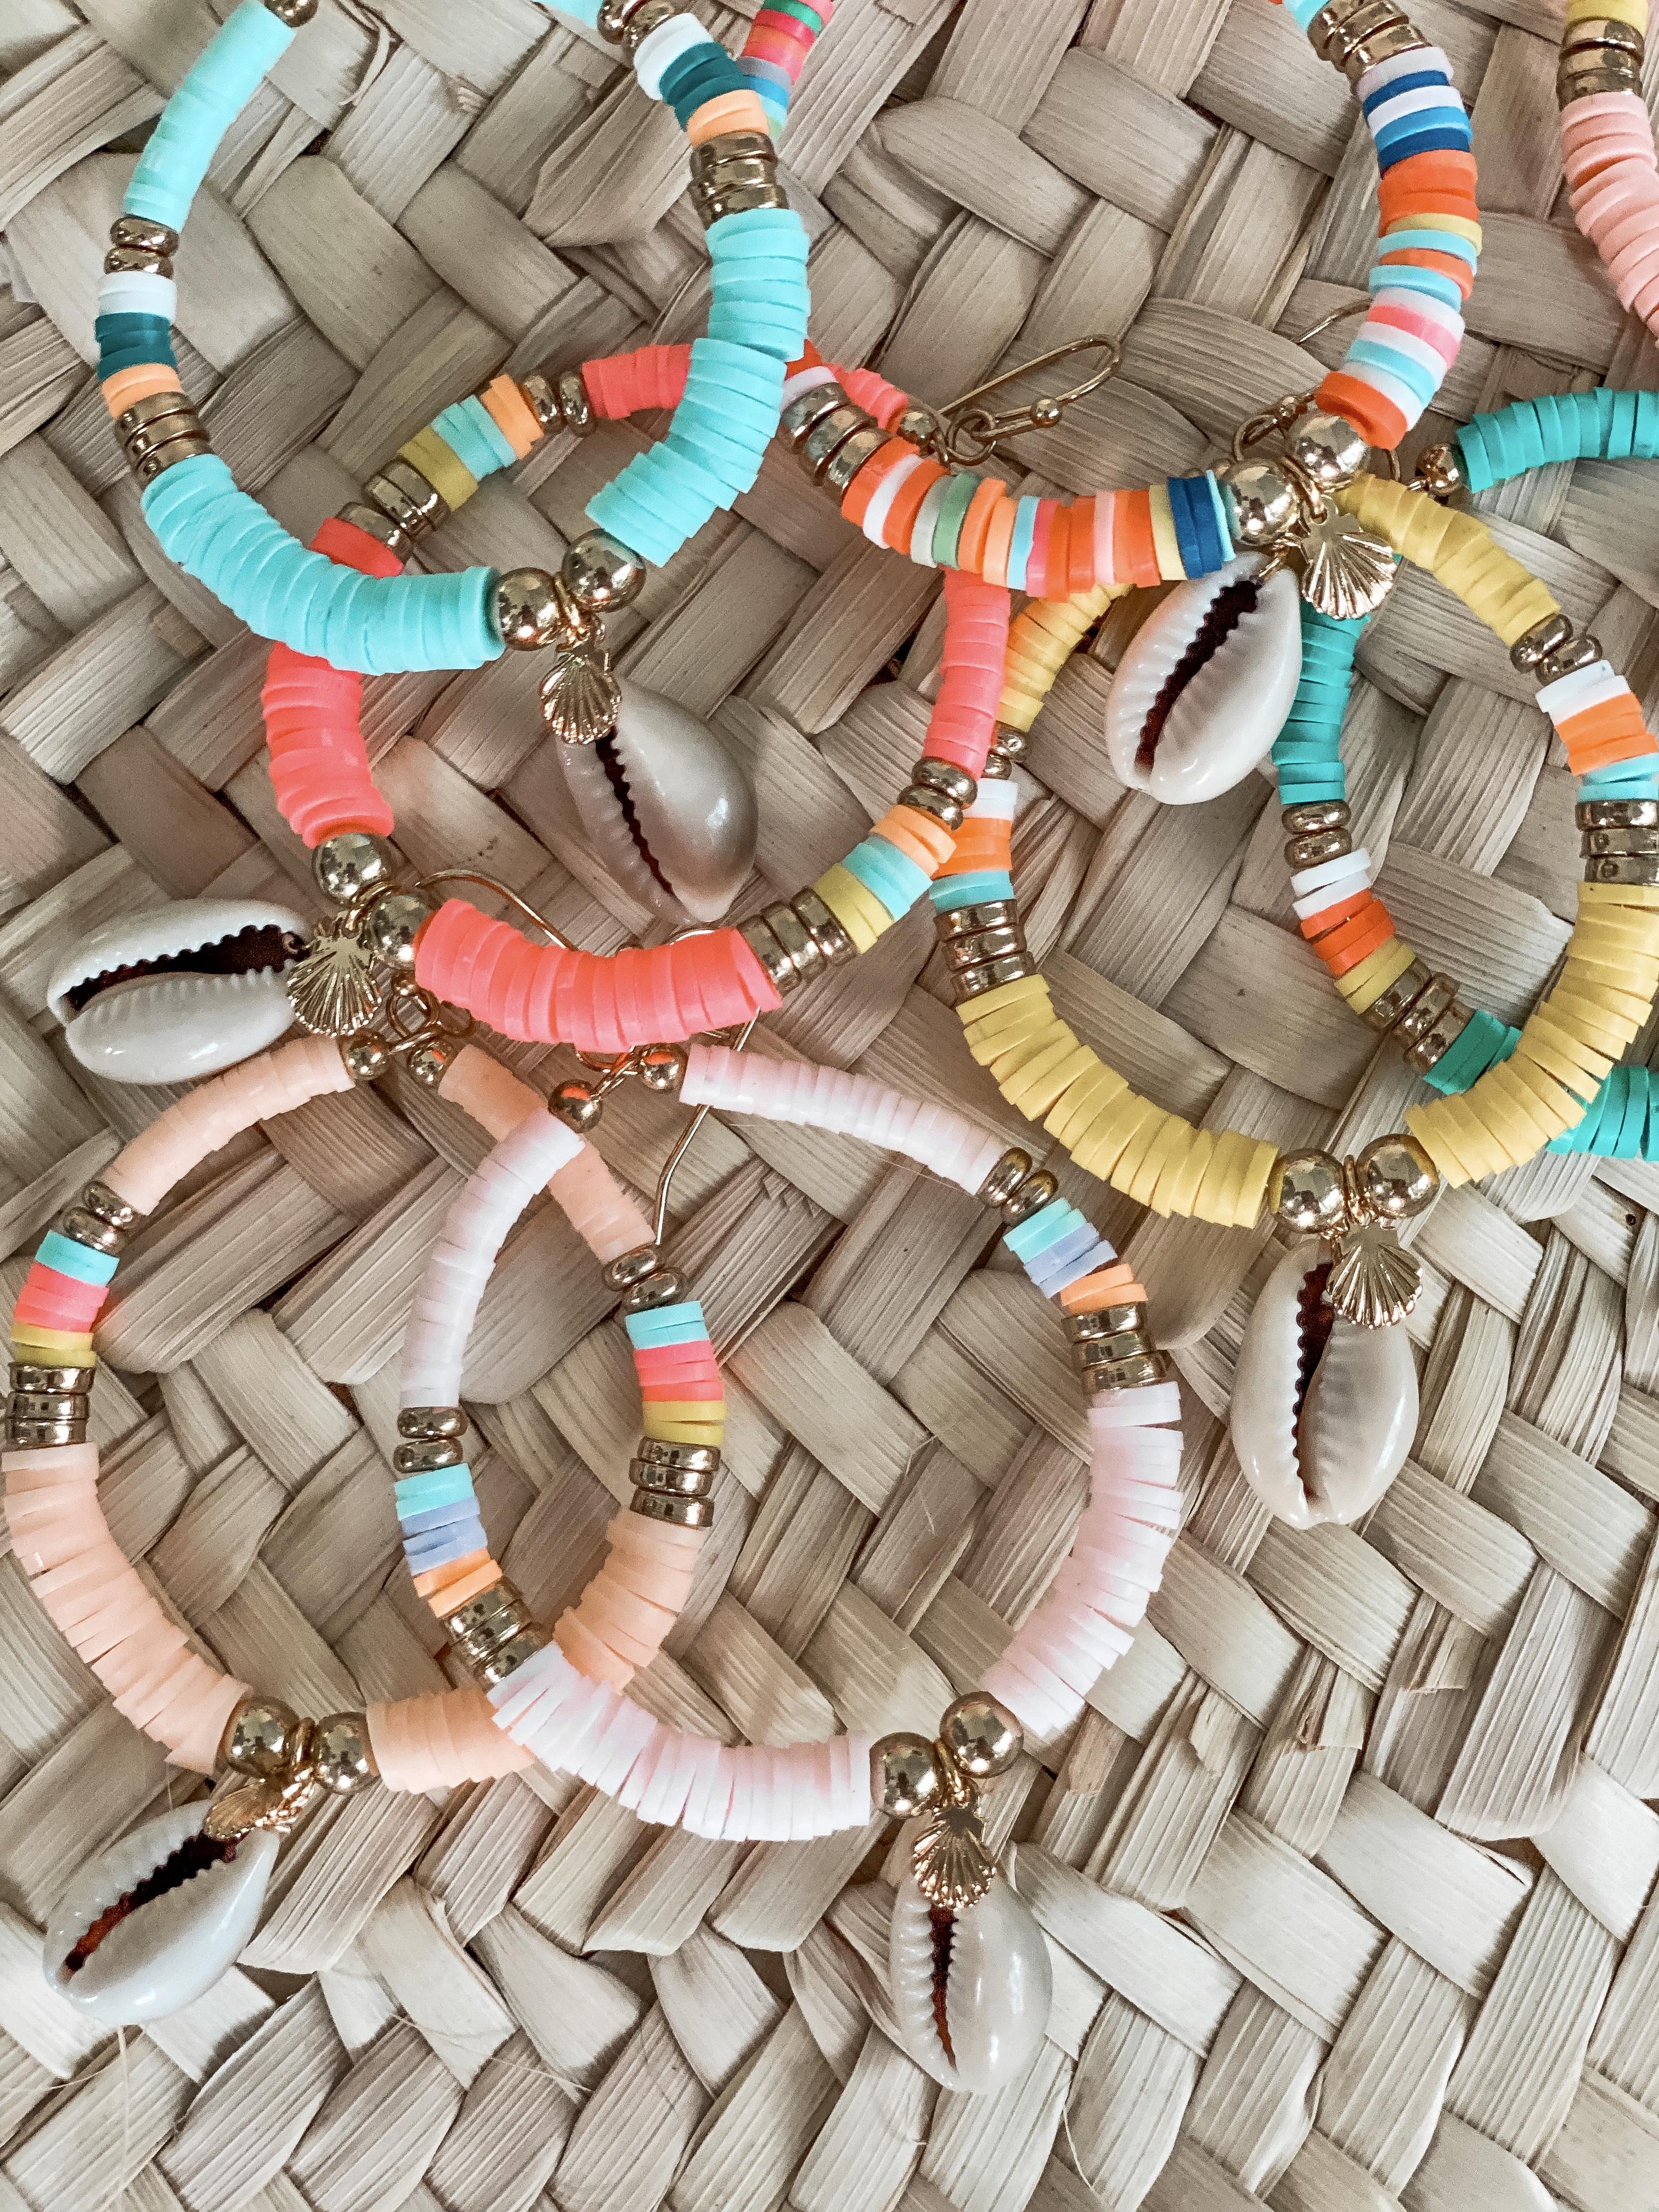 boucles d'oreilles perles heishi Cénélia   boucle d'oreilles plage colorées